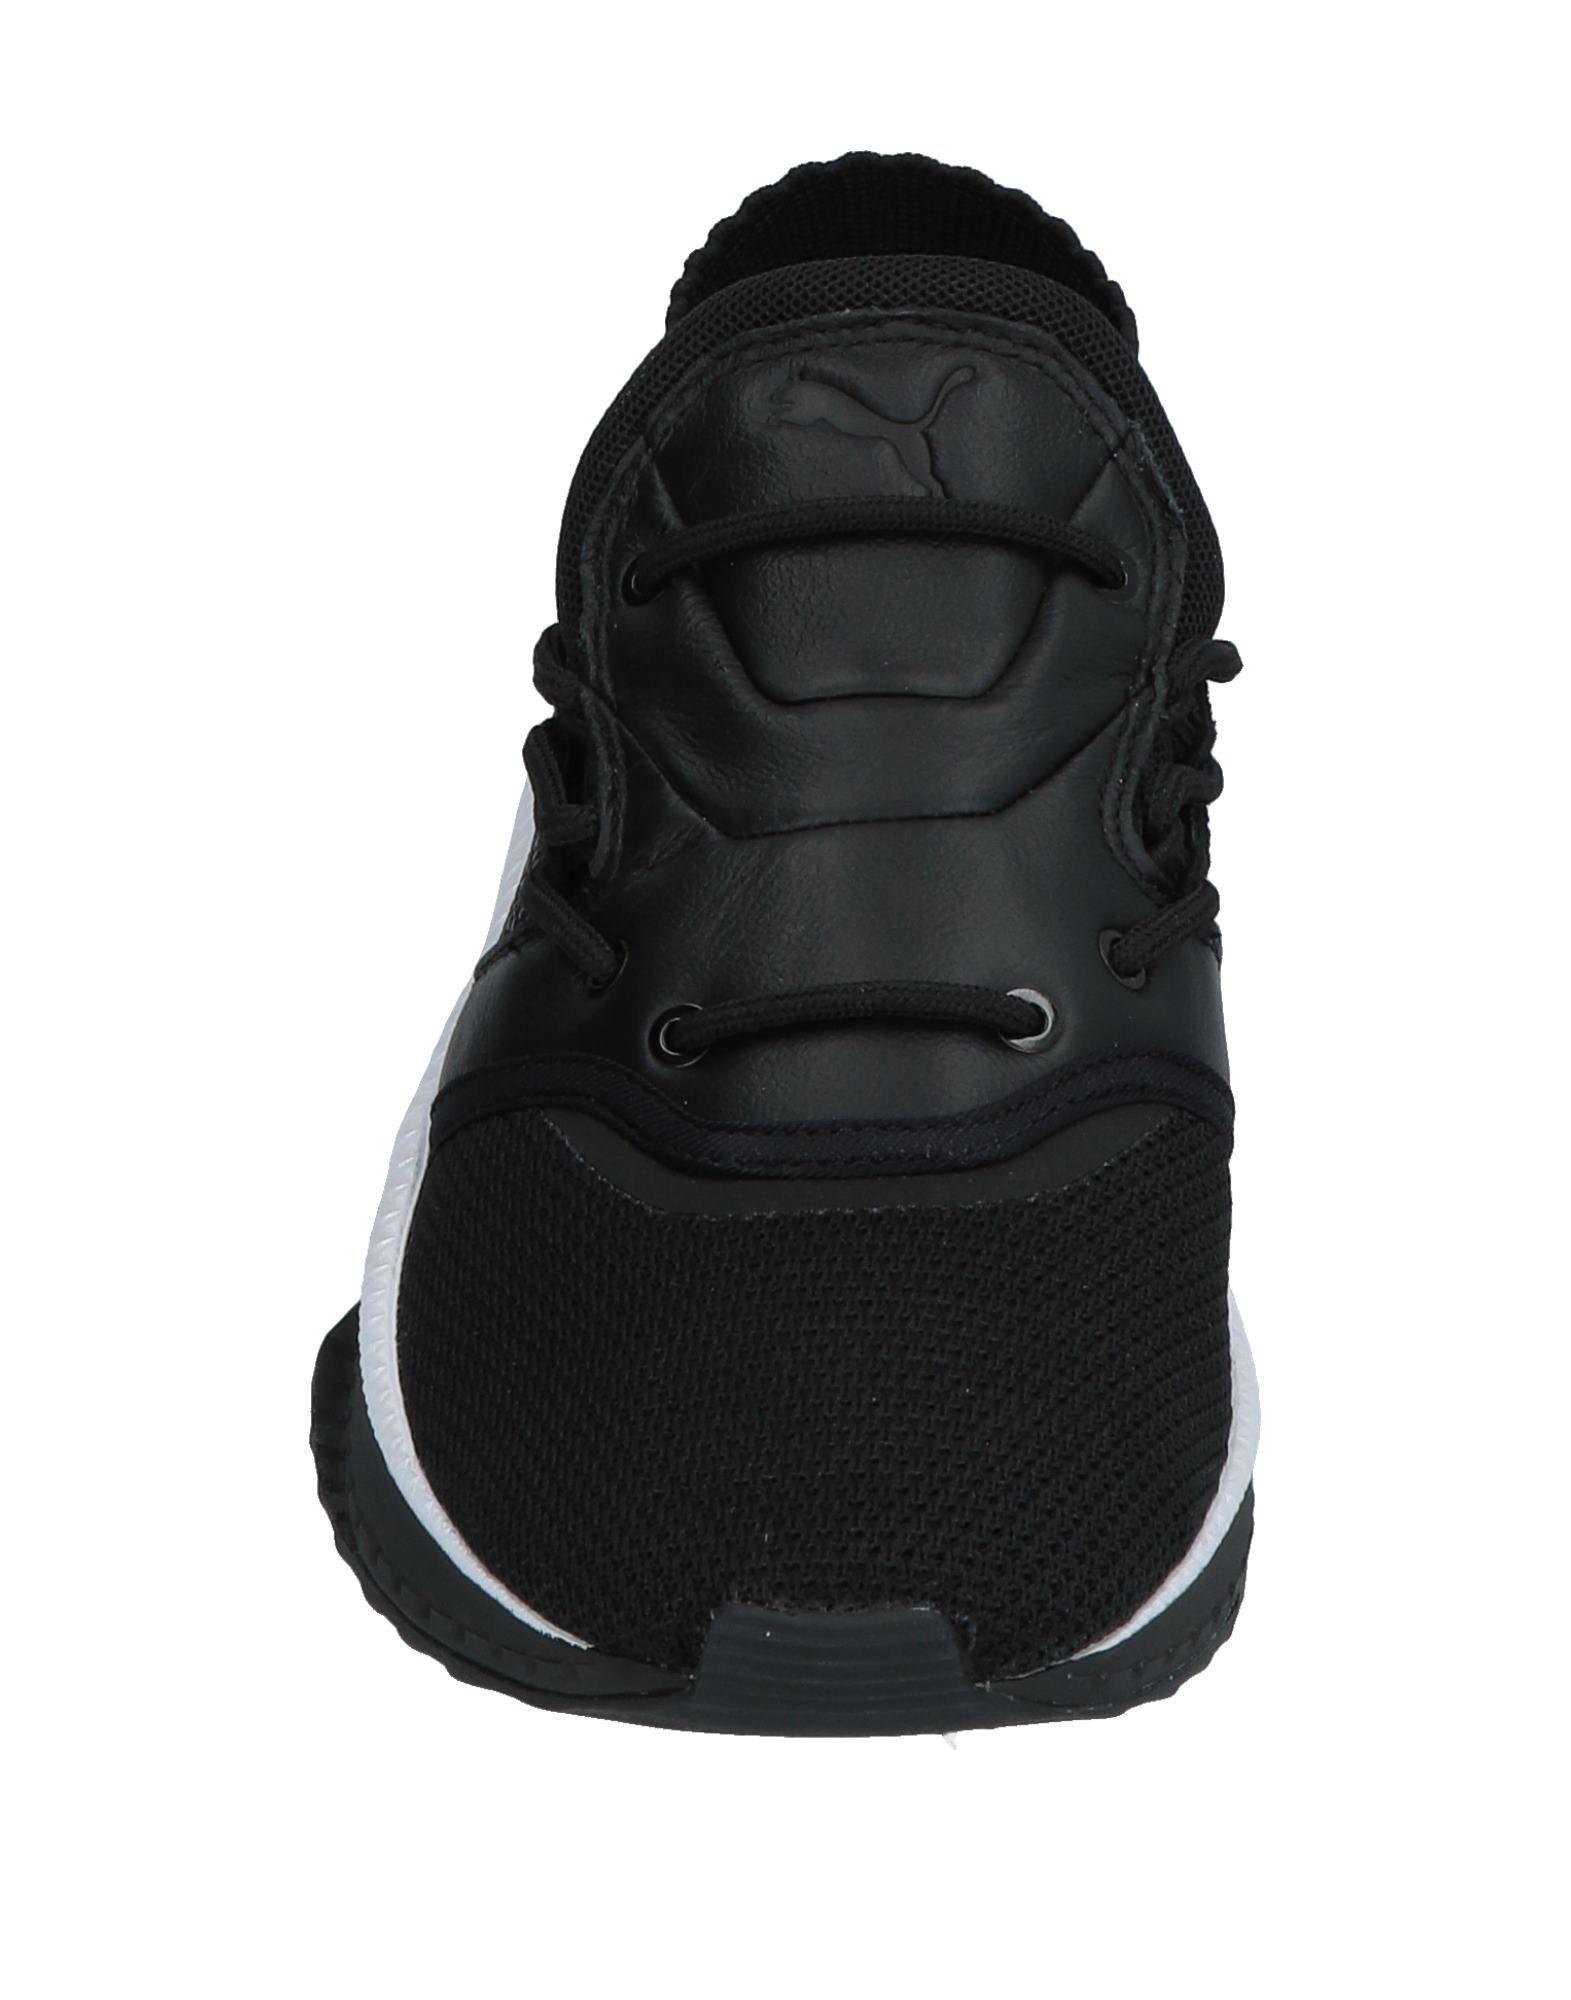 Puma Gute Sneakers Damen  11559323FM Gute Puma Qualität beliebte Schuhe 770c7f